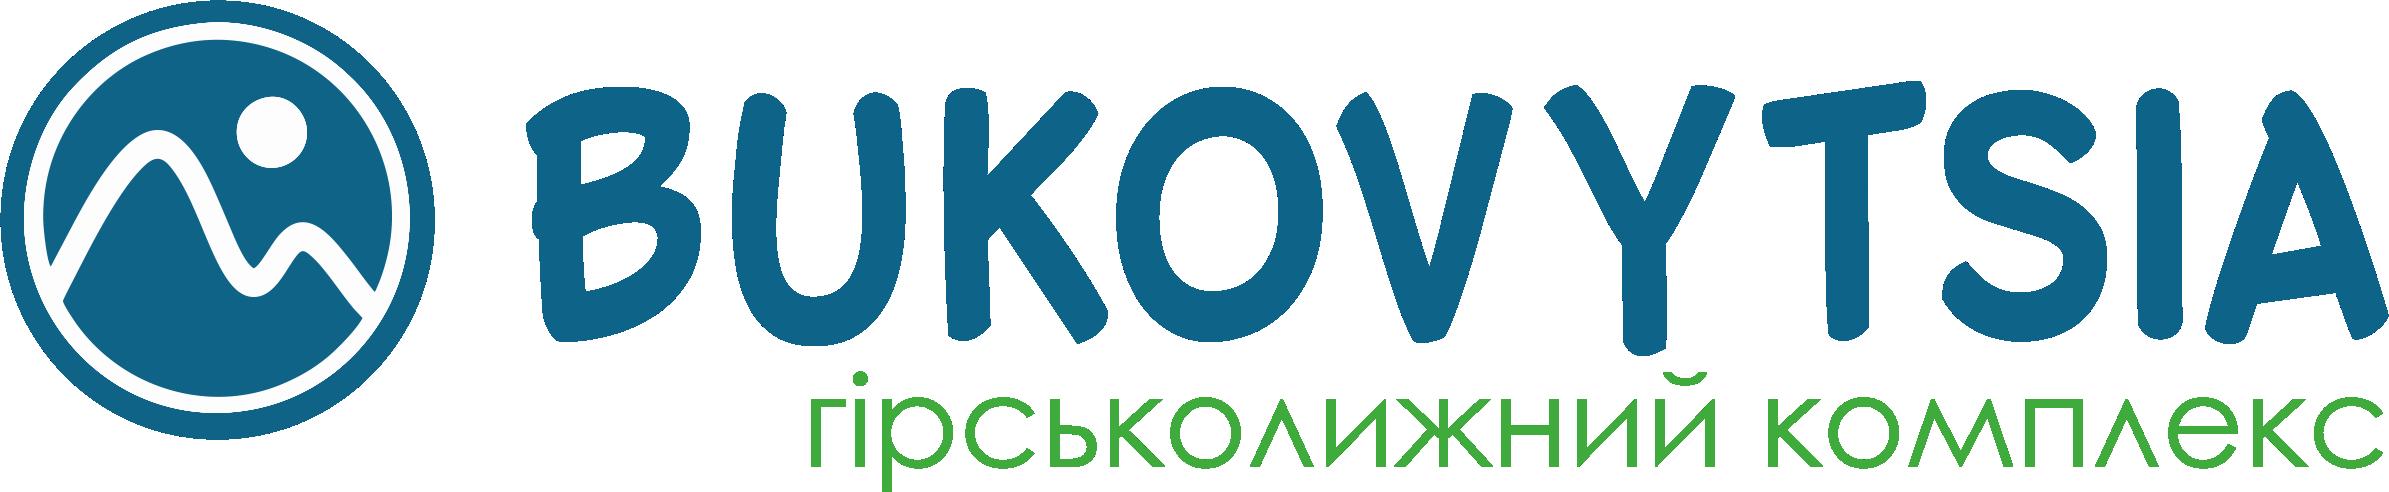 Буковиця